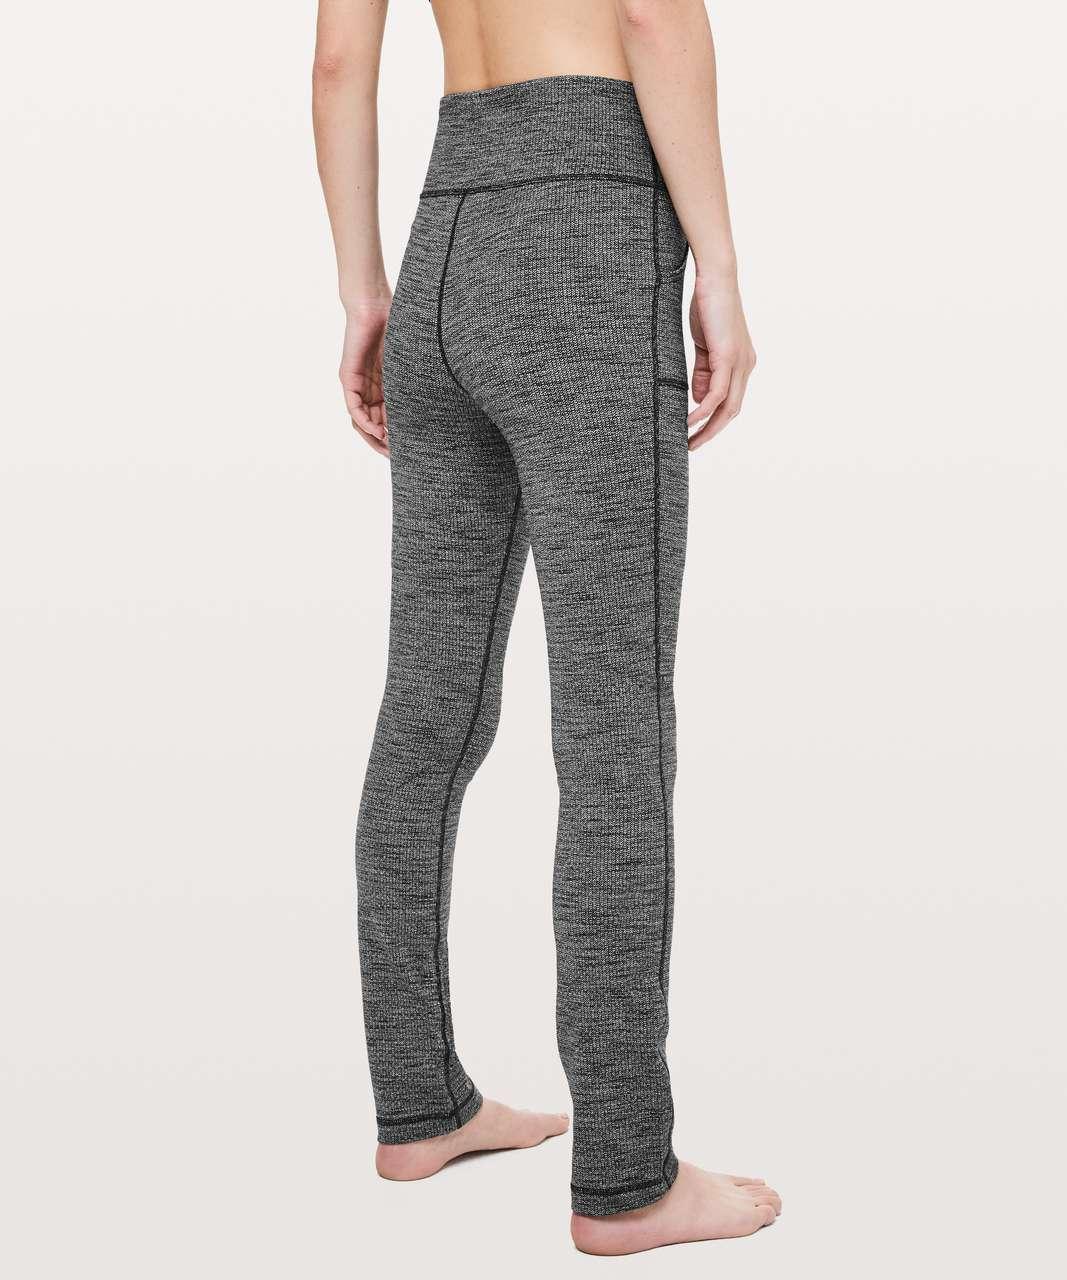 62604f4502b40 Lululemon Skinny Will Pant *Full-On Luon - Luon Variegated Knit Black  Heathered Black